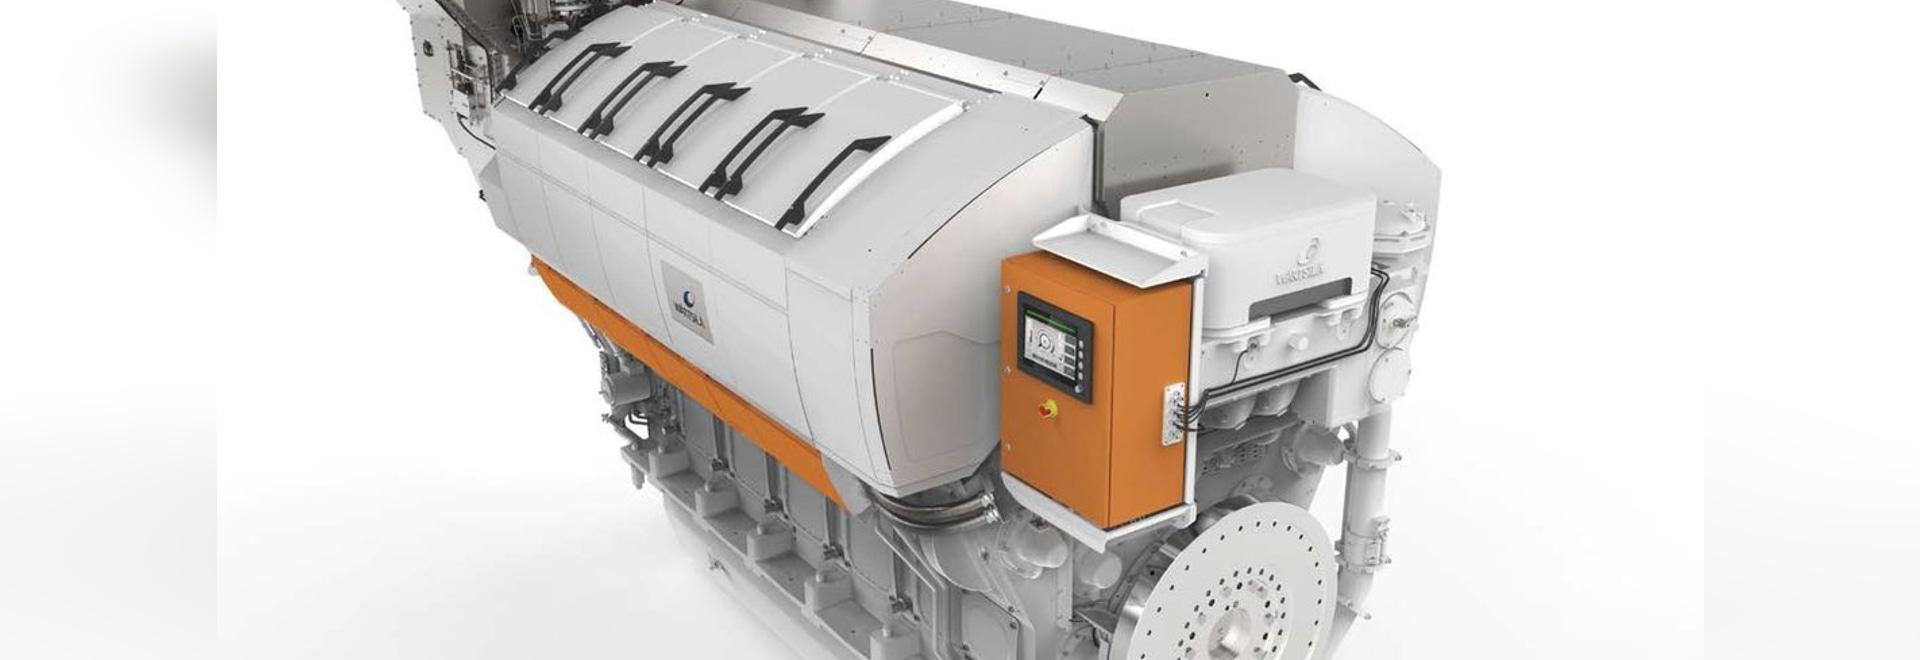 NEW: ship engine by Wärtsilä Corporation